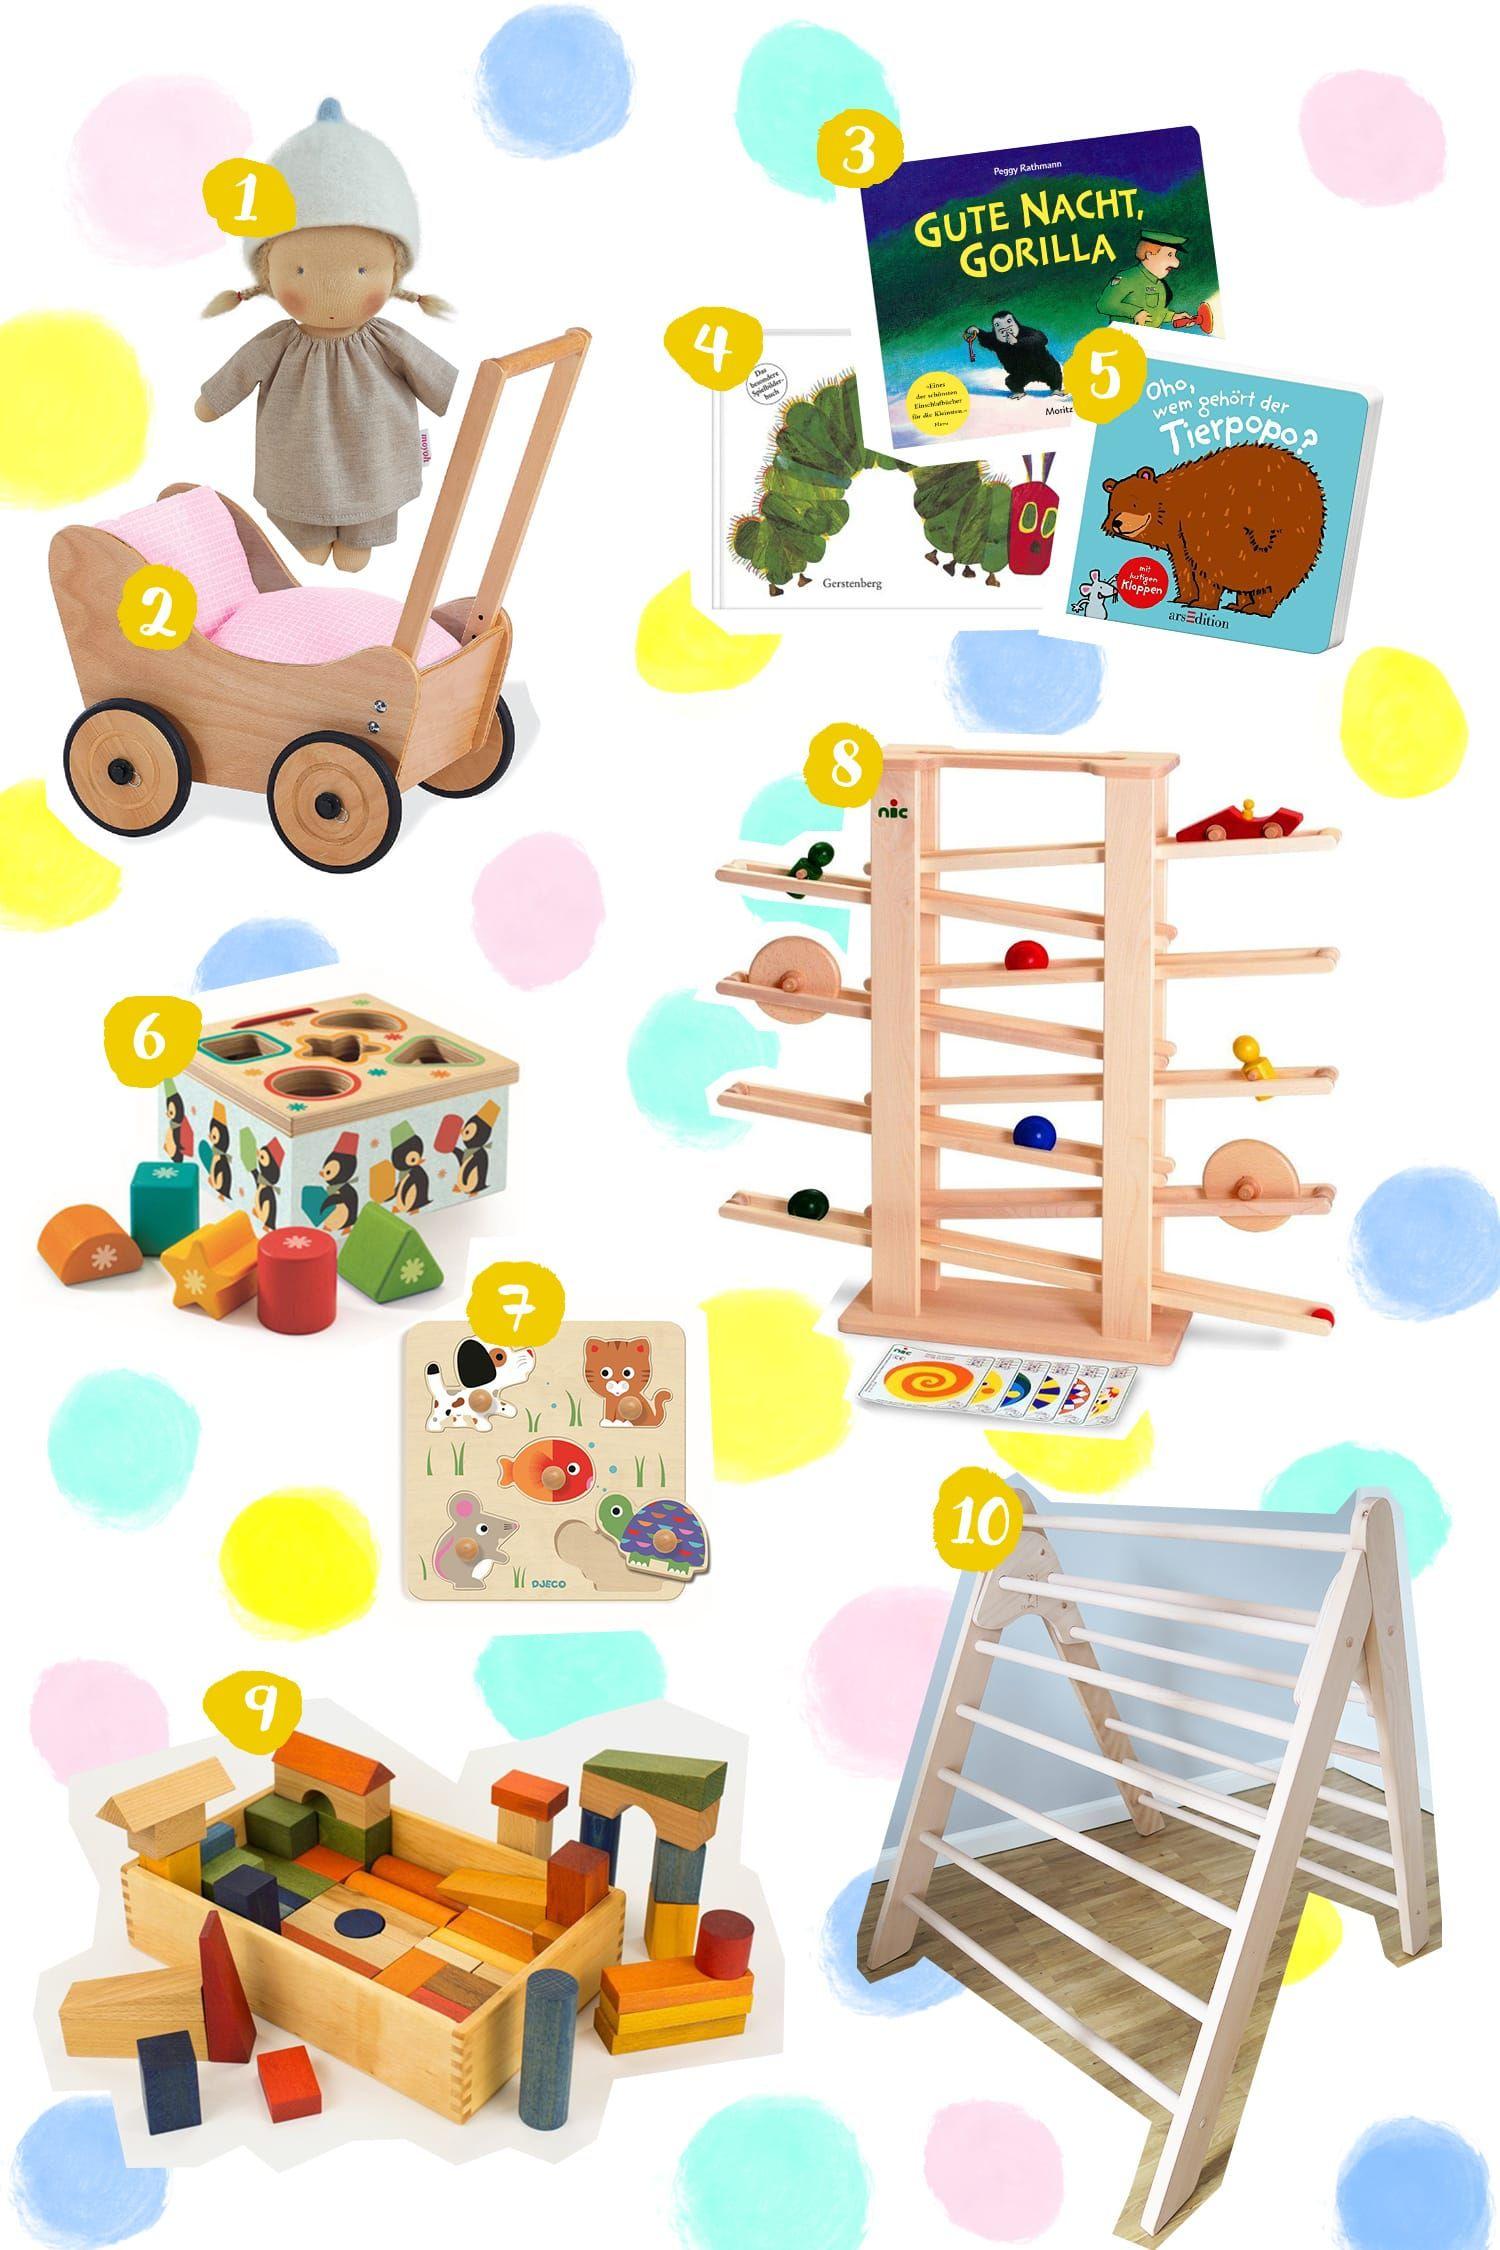 Sinnvolle Geschenke Zum 1 Geburtstag Spielzeug Fur Baby Kleinkind Sinnvolle Geschenke Geschenkideen Geburtstag Kinder Spielzeug Fur Baby